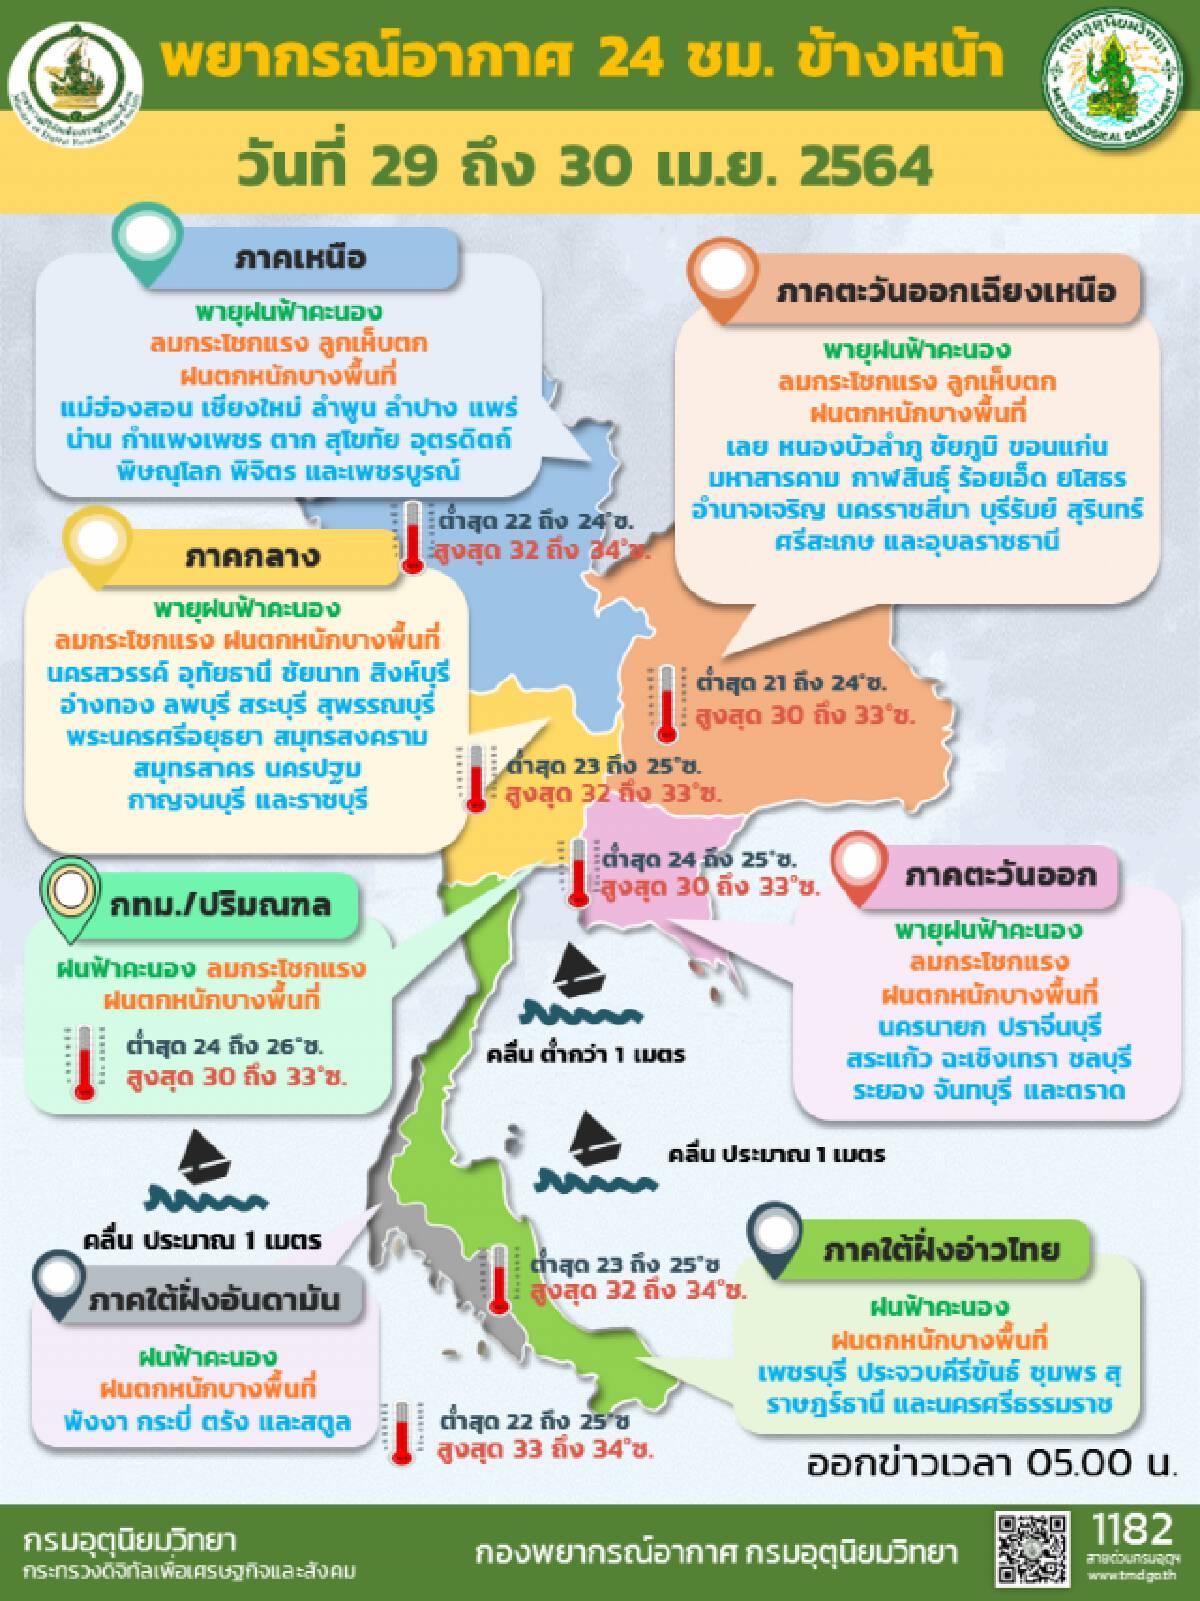 พยากรณ์อากาศวันนี้ เตือนระวังพายุฝนฟ้าคะนองทั่วไทย